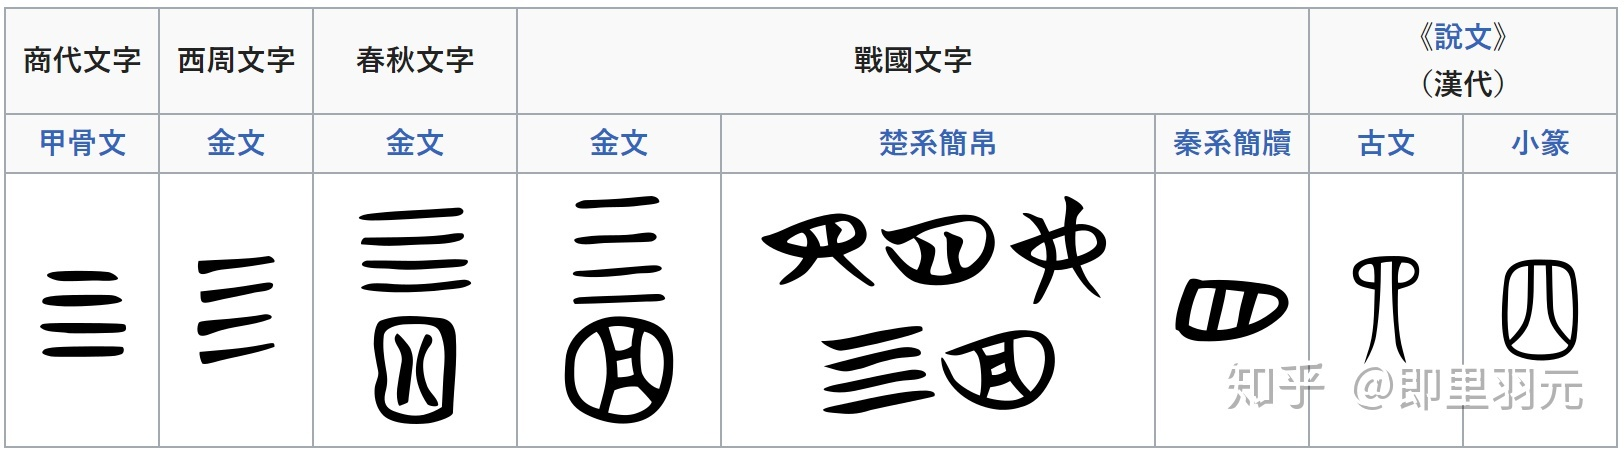 有哪些古字或本字是比現在的規范字更簡單的? - 知乎